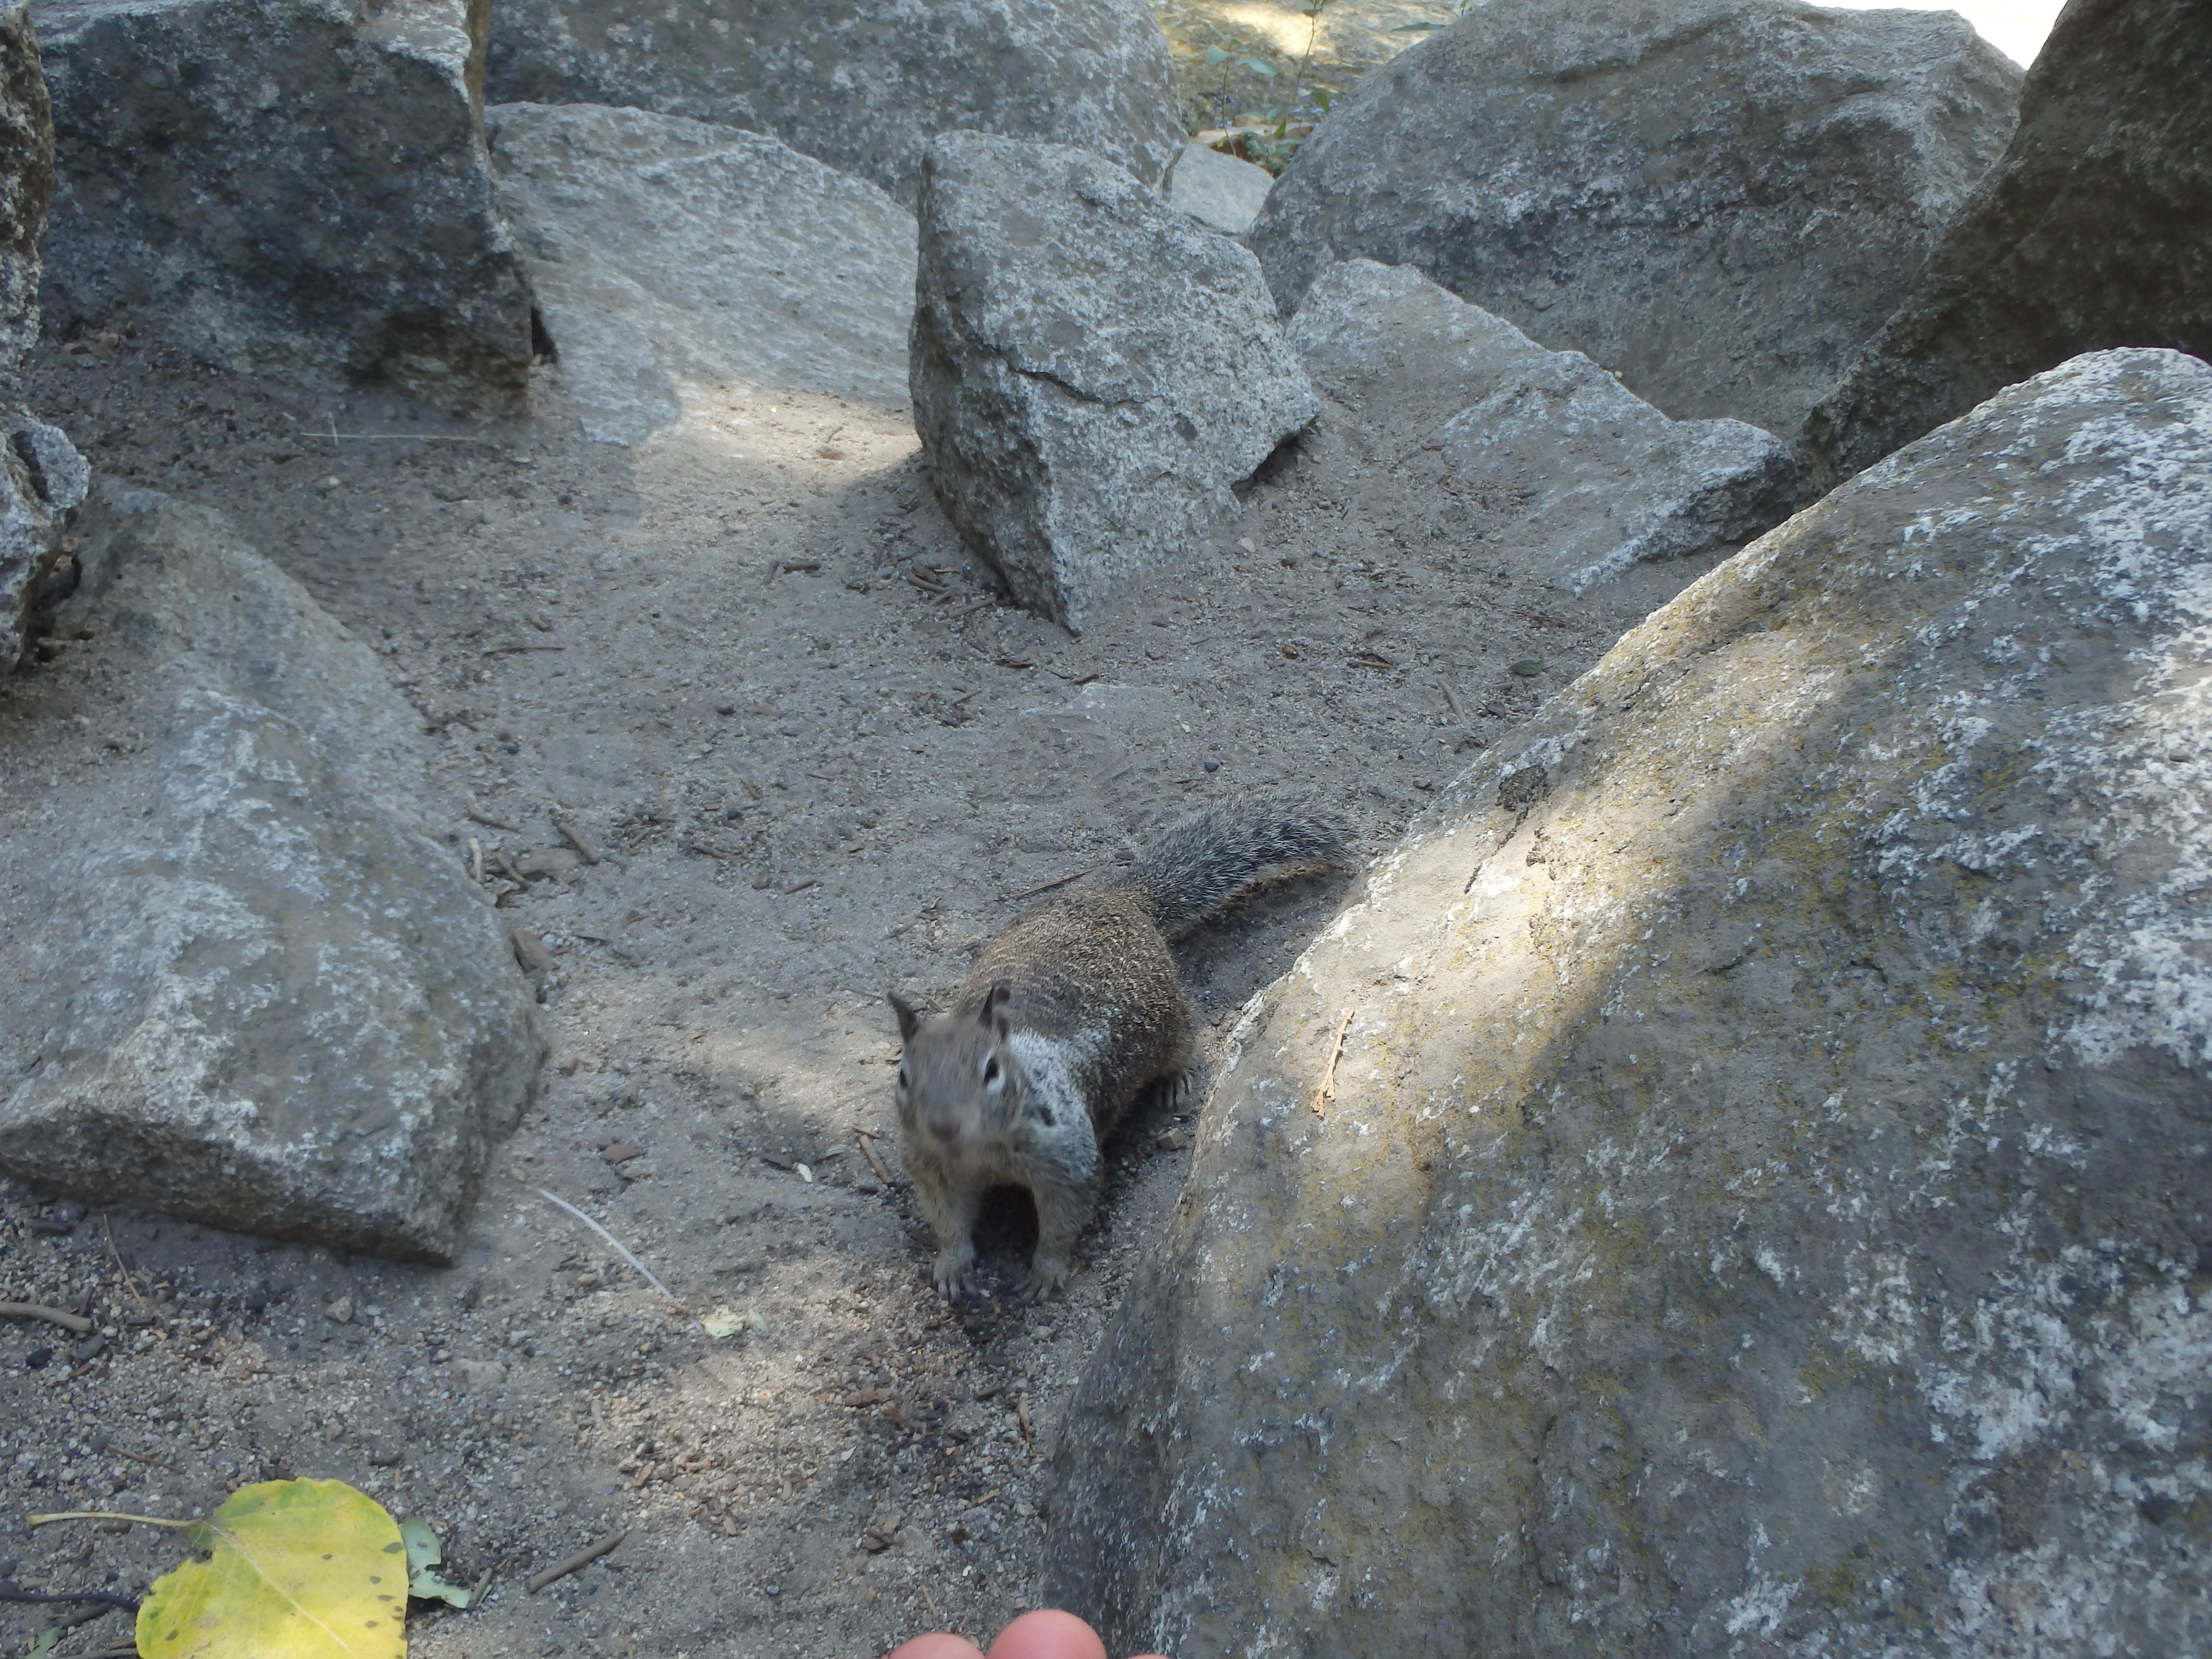 esquilo Yosemite Park